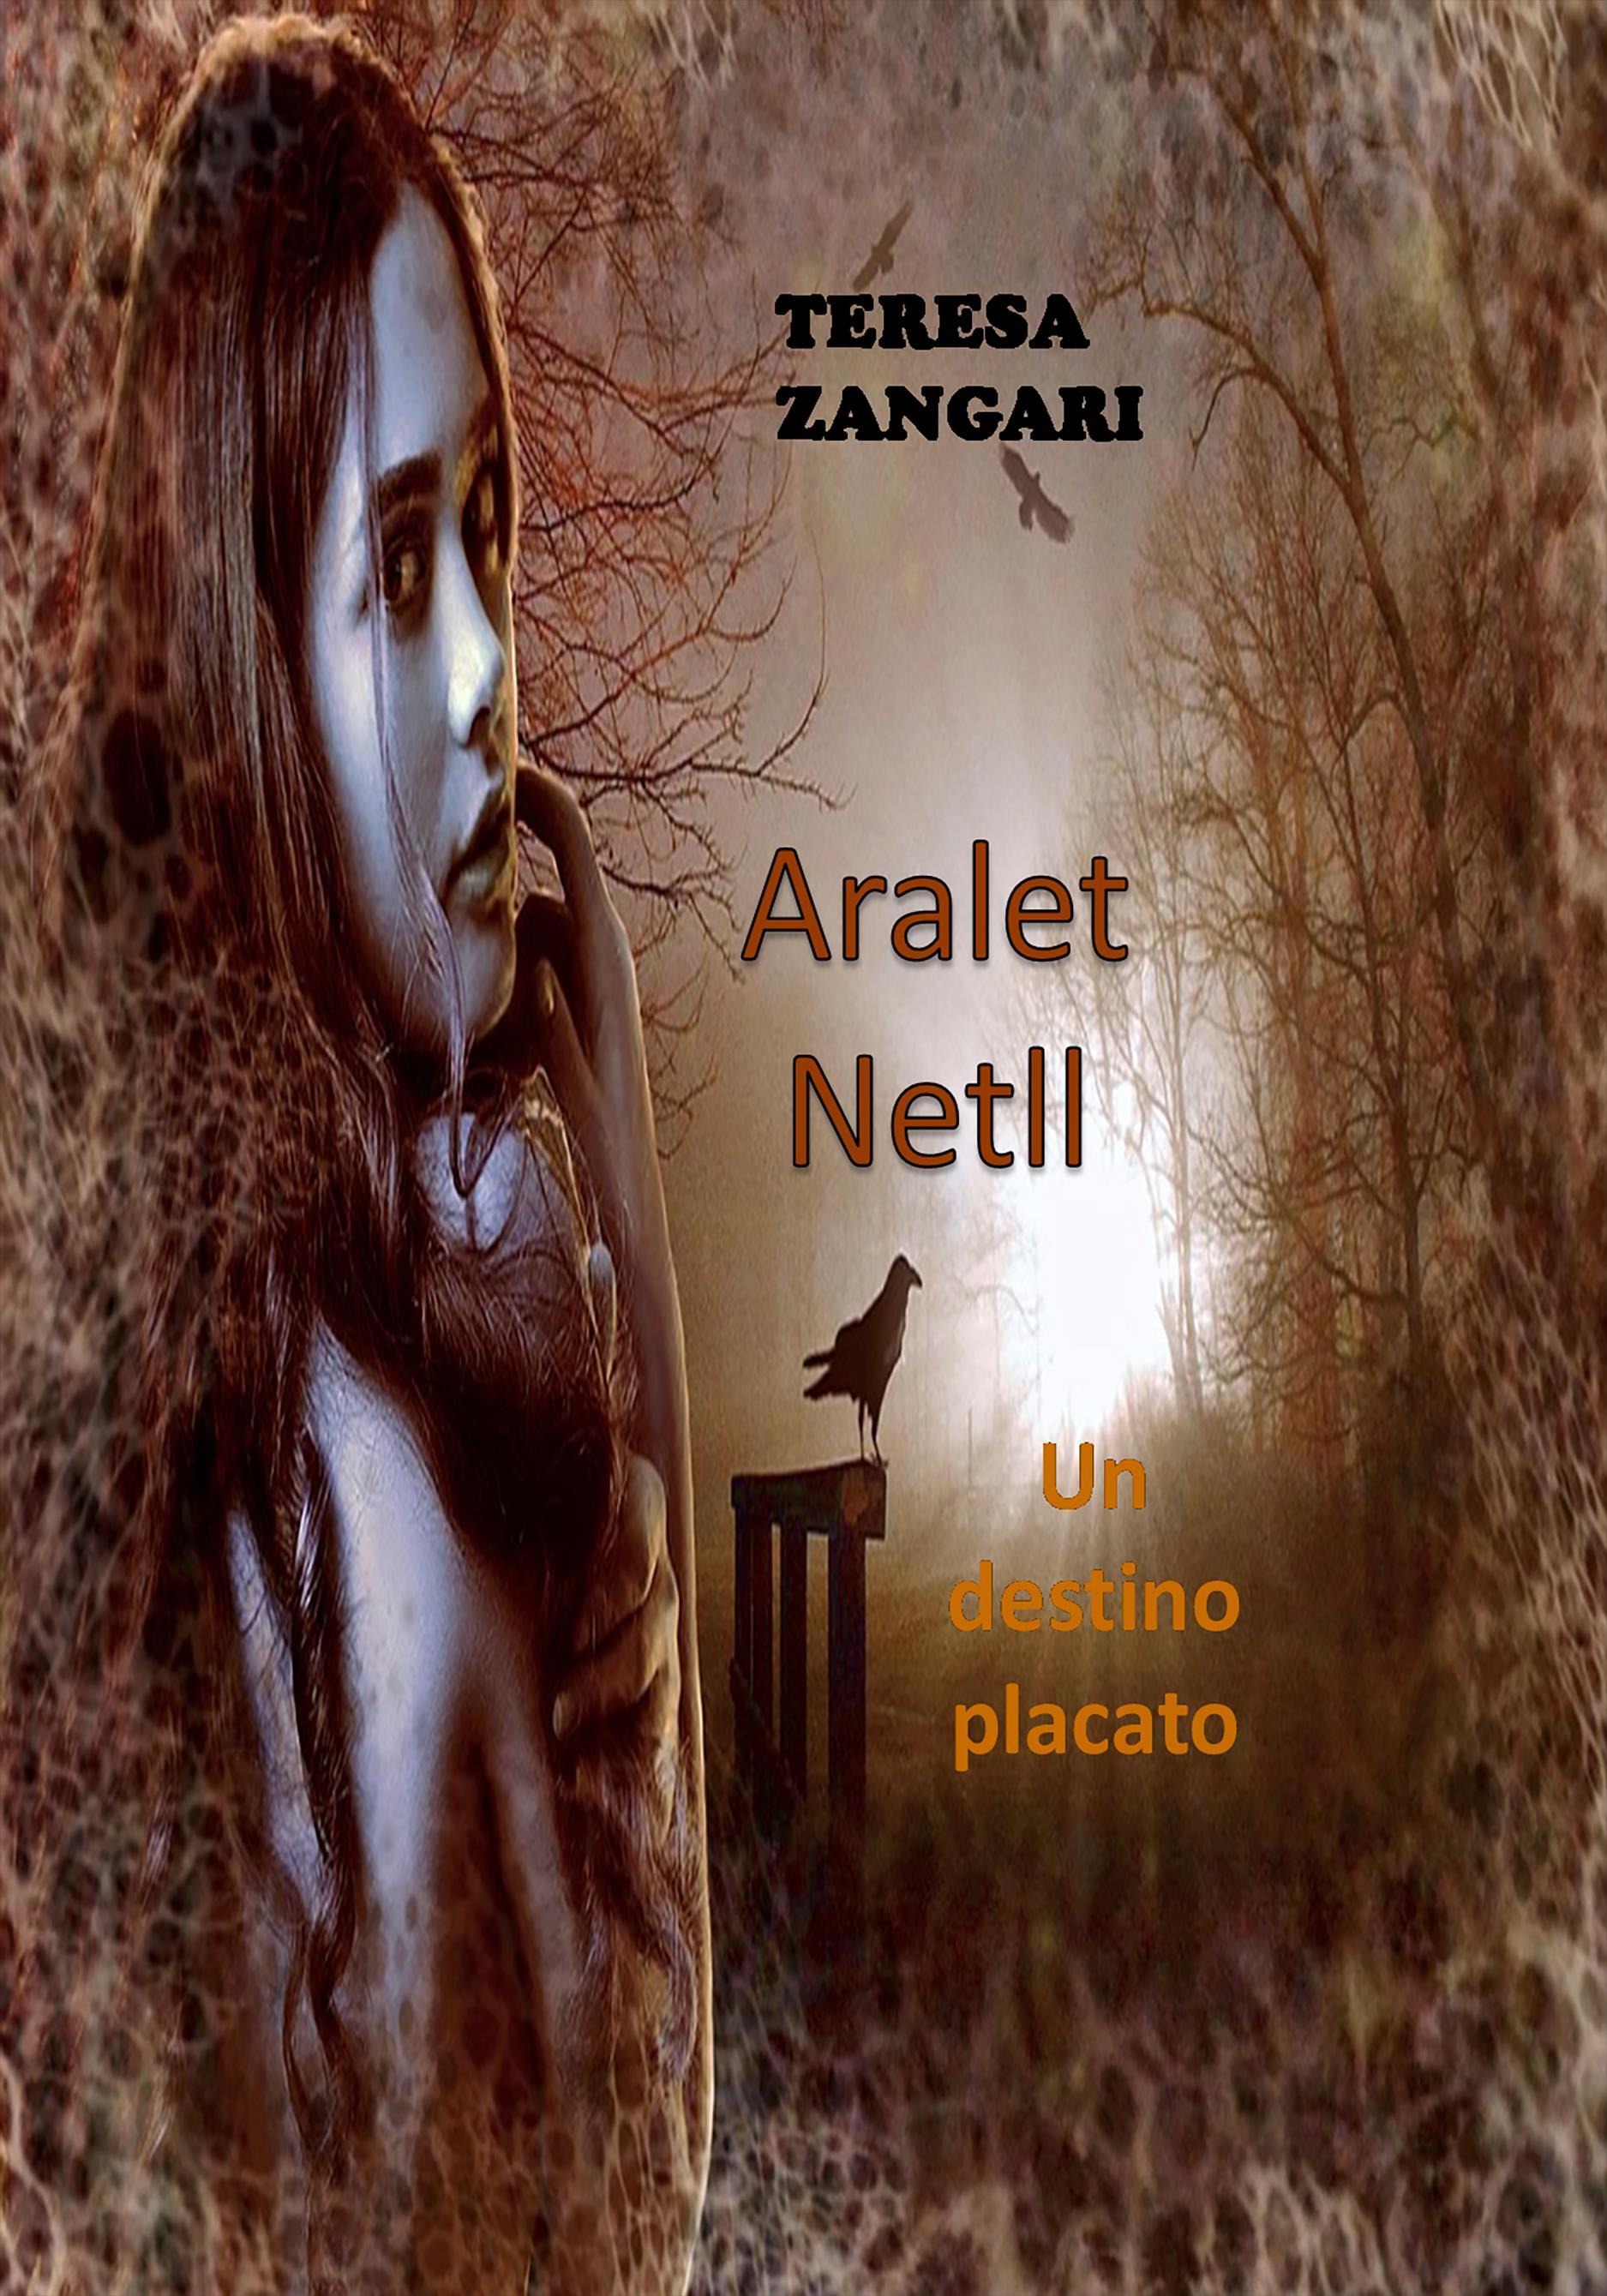 Aralet Netll